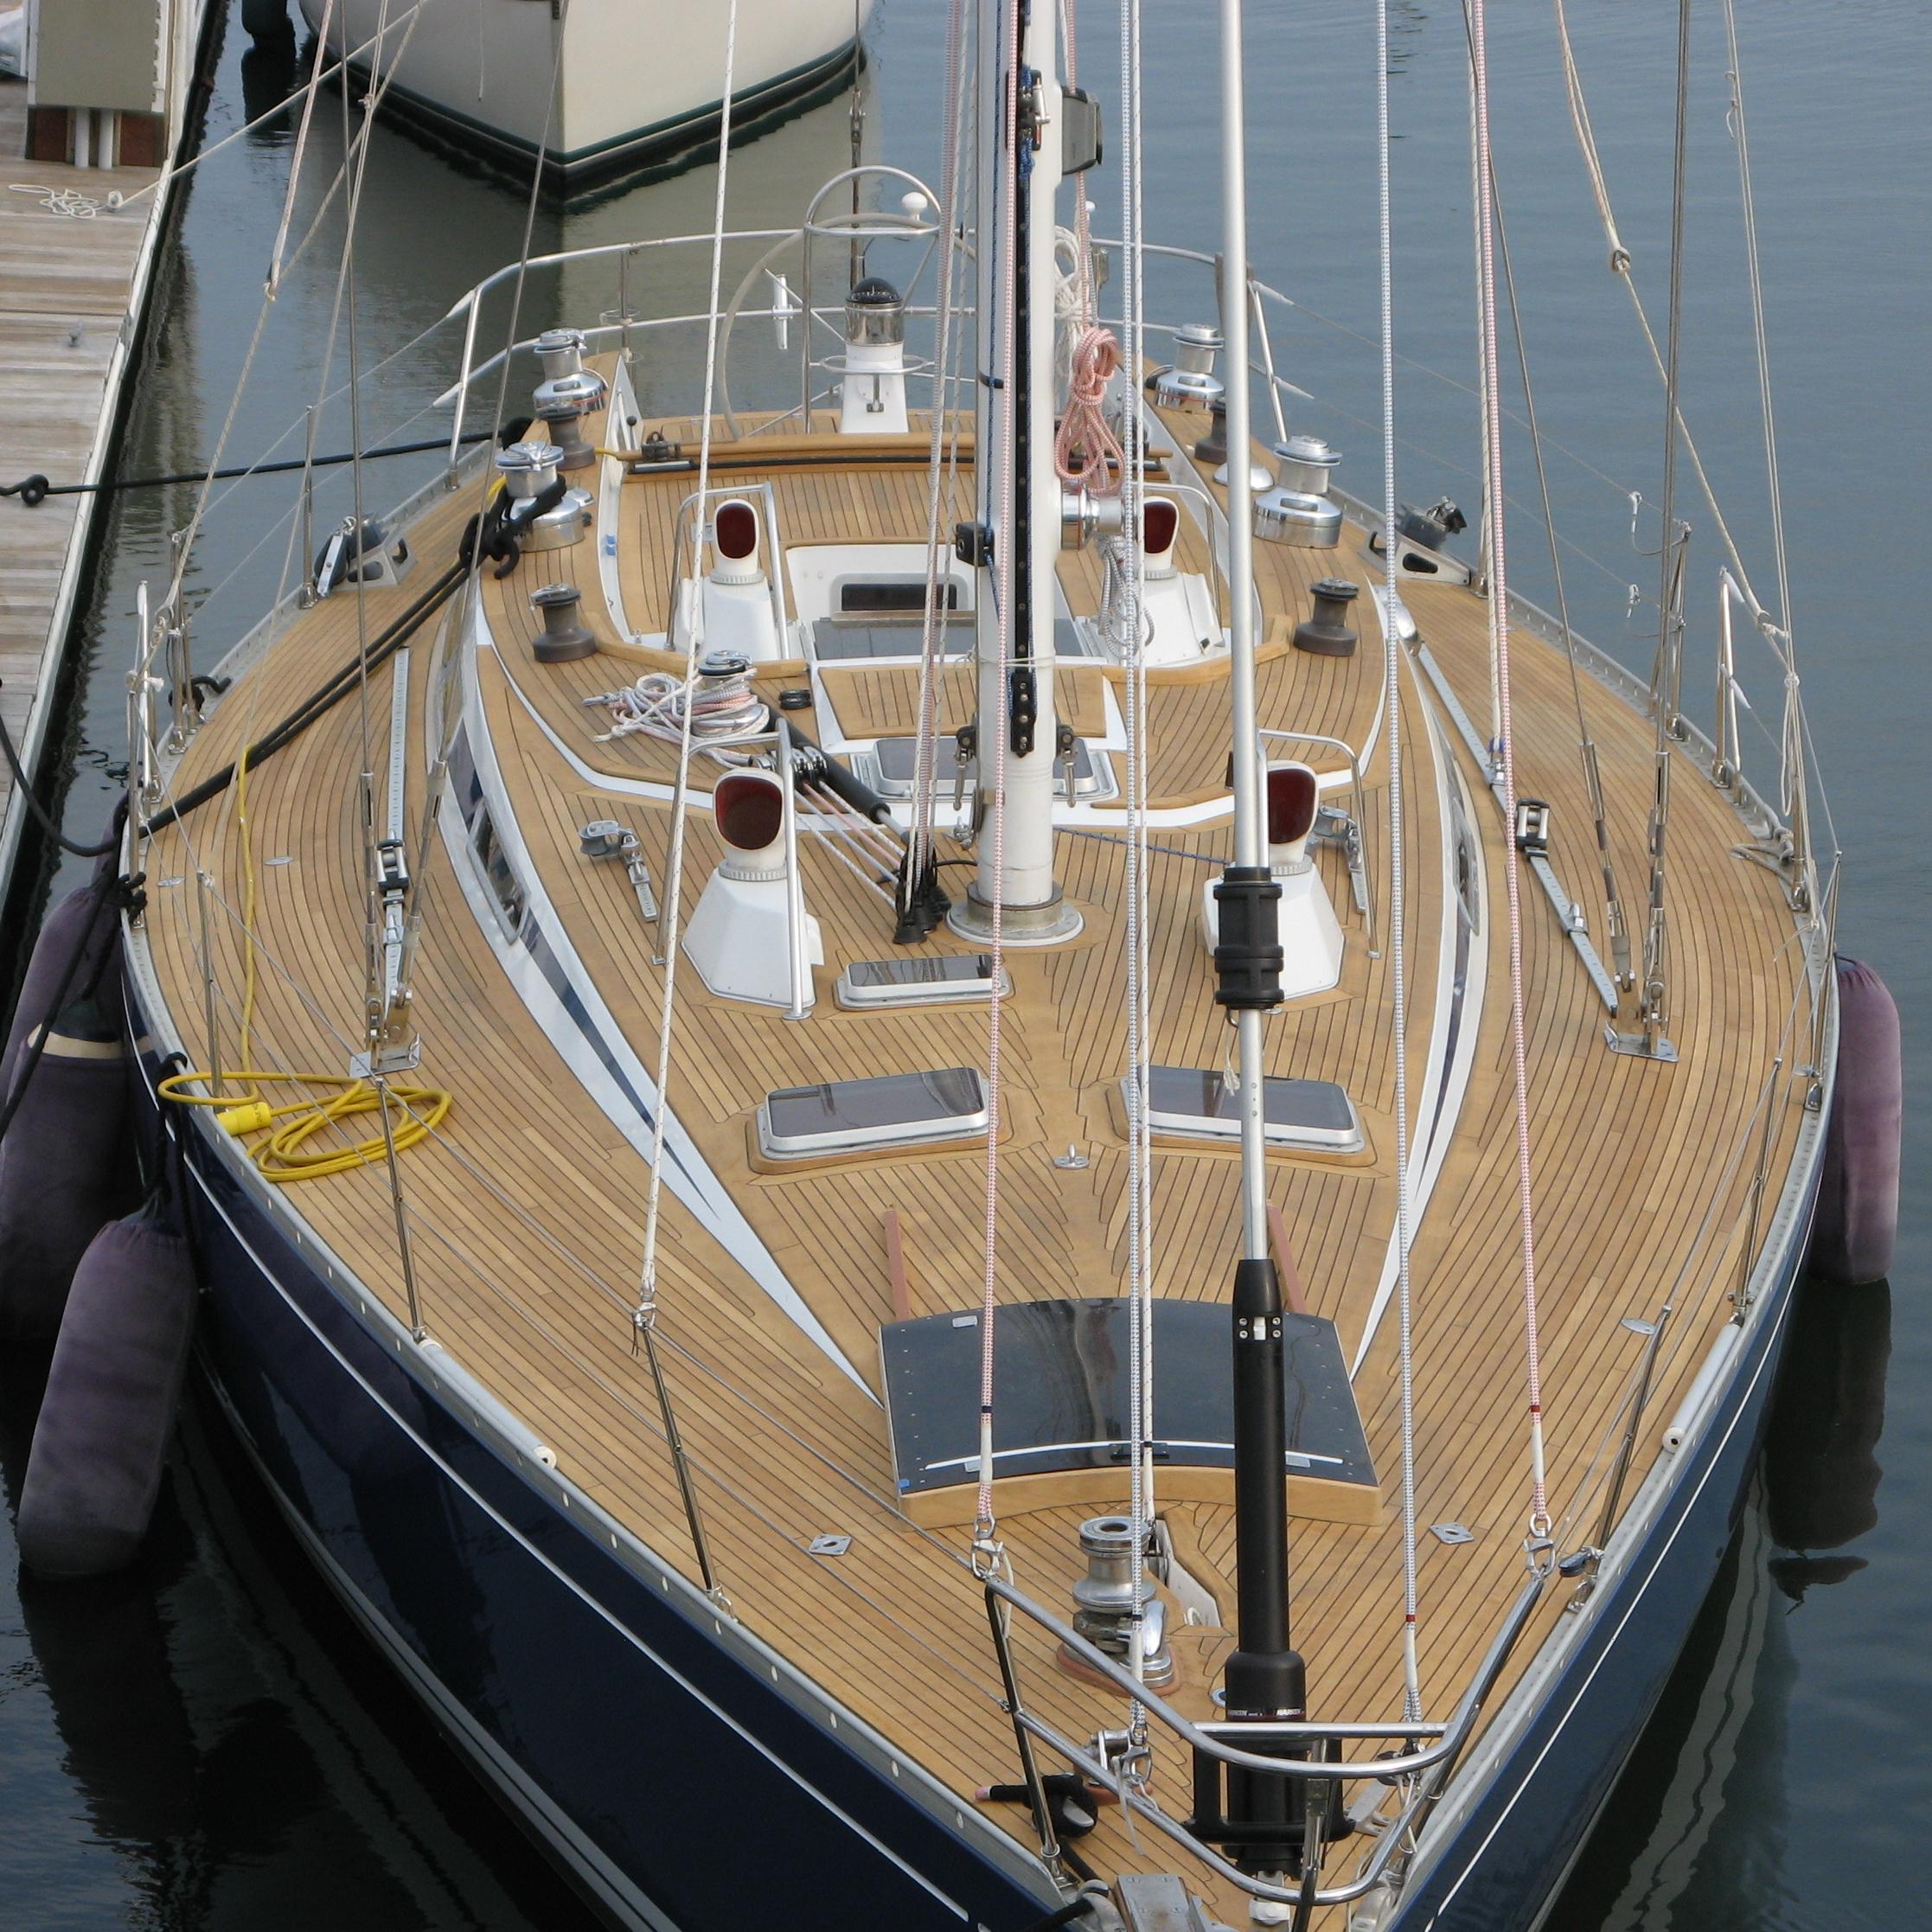 Swan 51 Refit for Circumnavigation